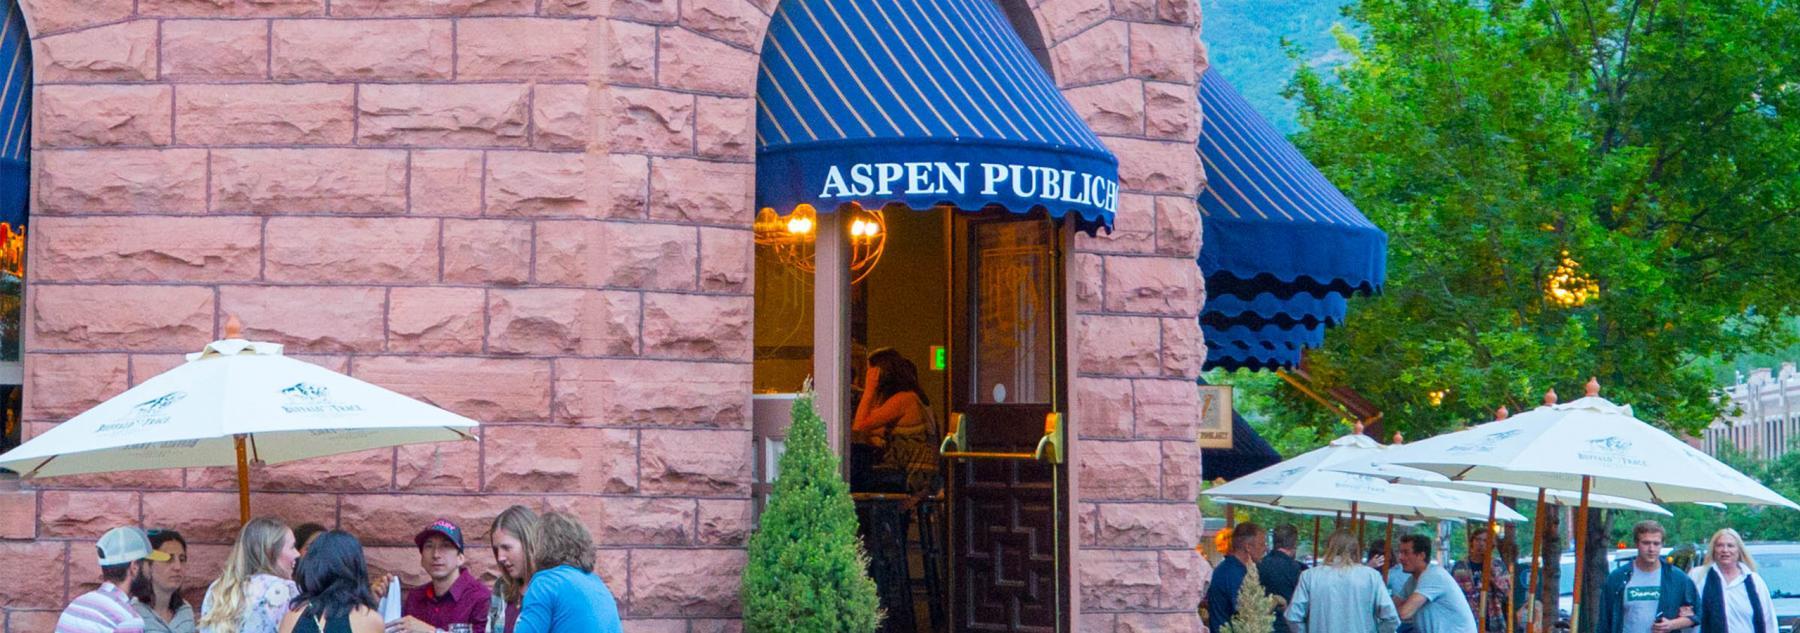 Al Fresco Dining in Aspen